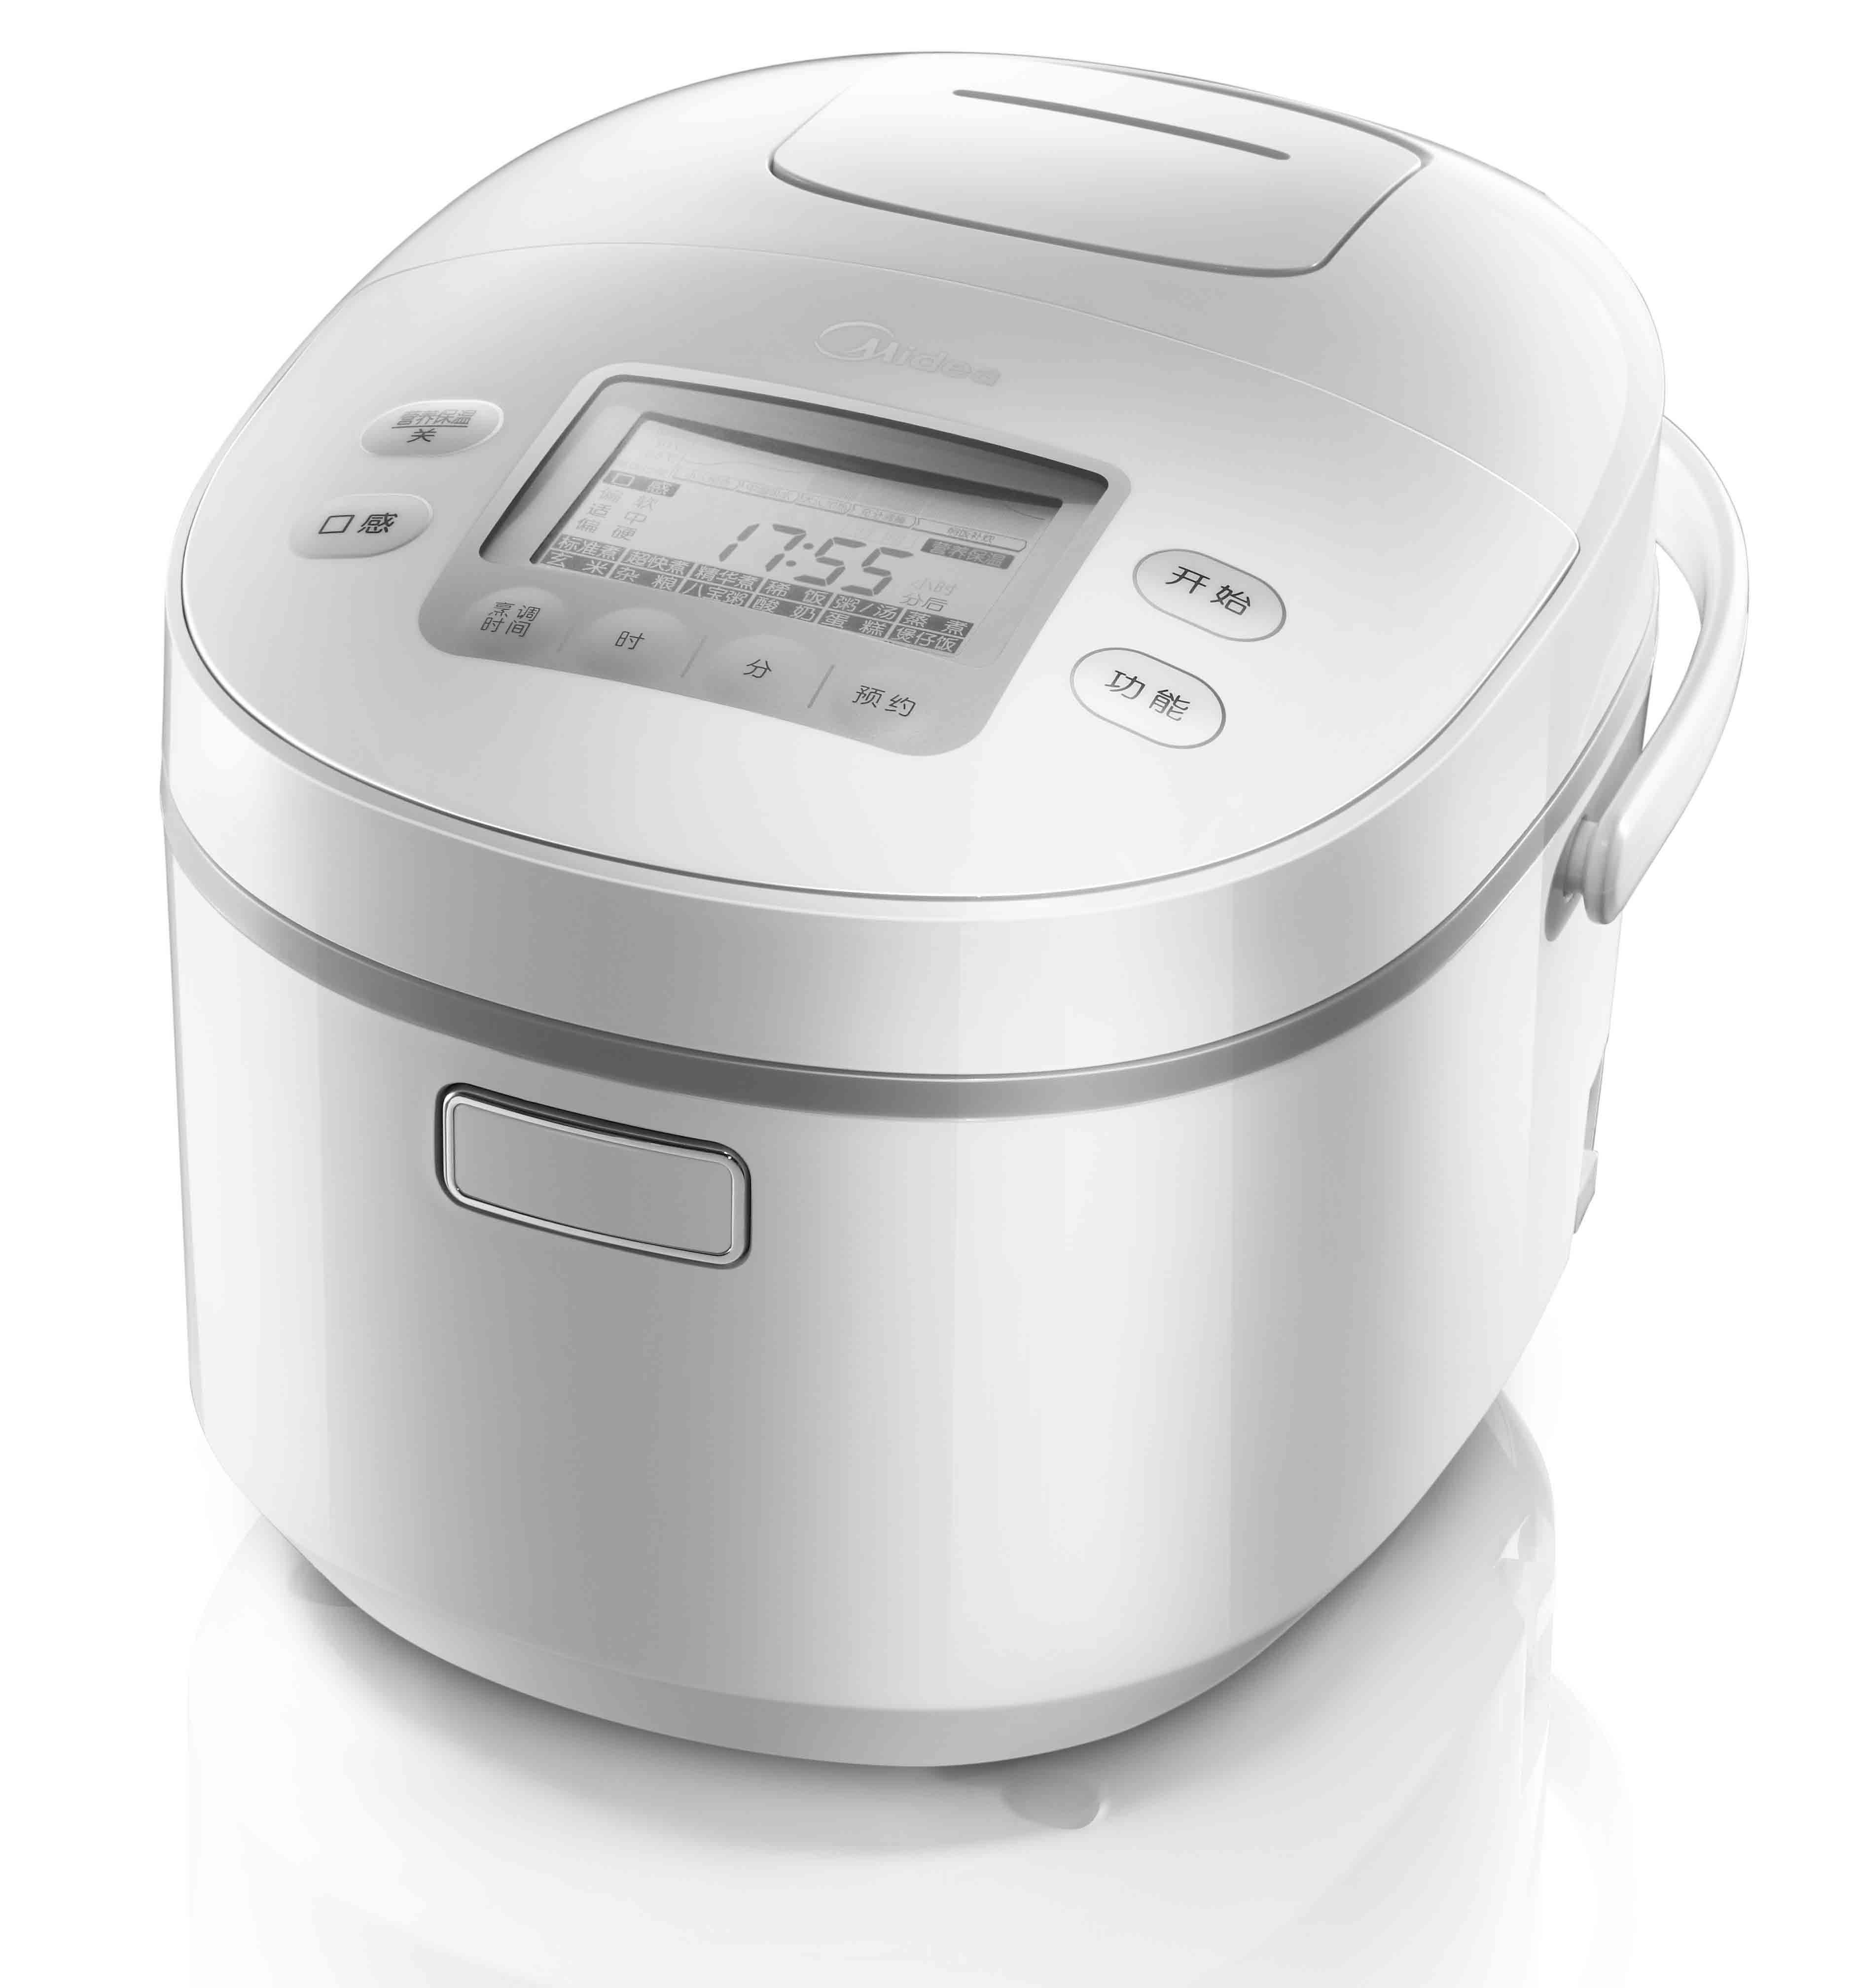 电饭煲的省电方法,电饭煲的正确使用方法